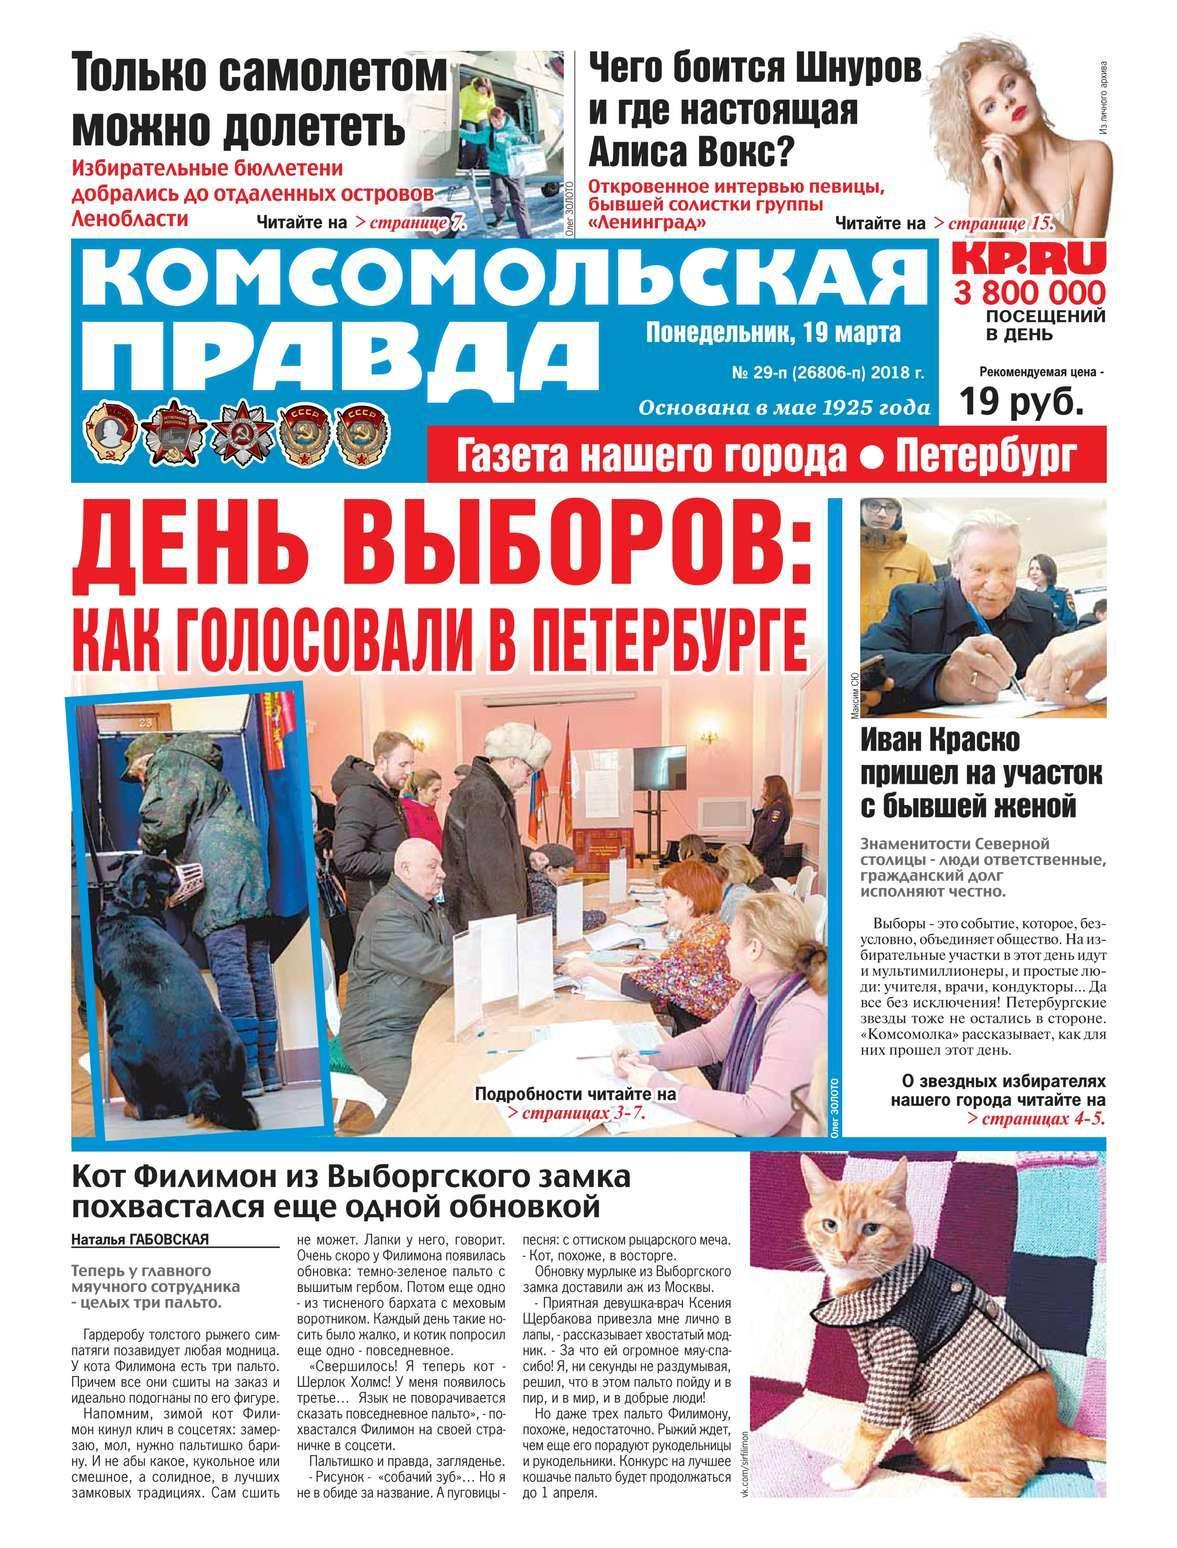 Редакция газеты Комсомольская правда. - Комсомольская Правда. - 29п-2018